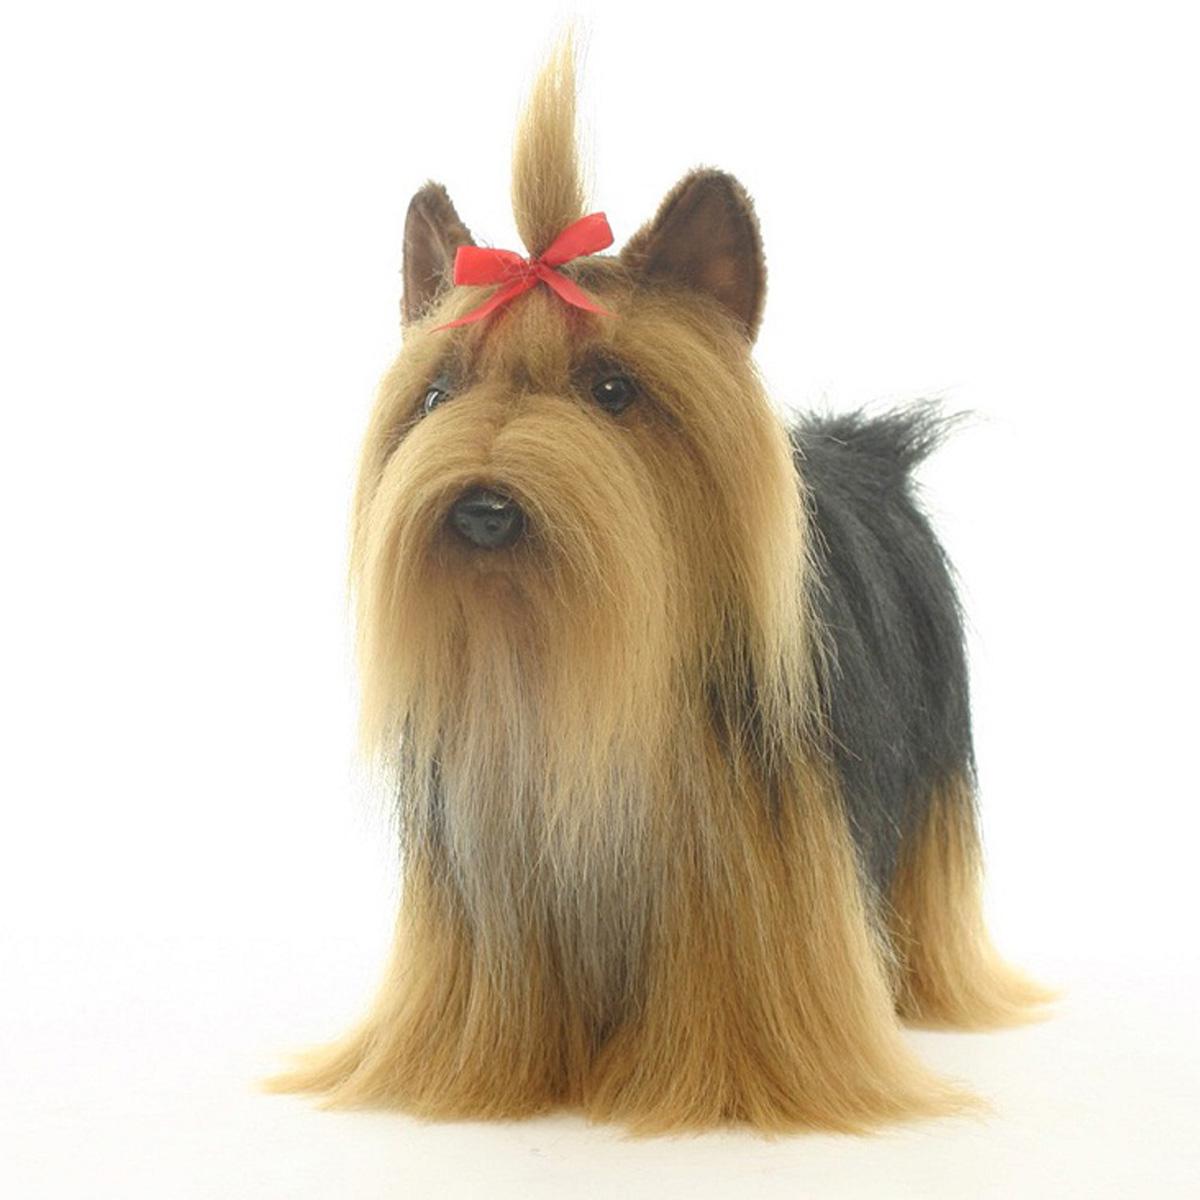 Мягкая игрушка - Йоркширский терьер, 36 см.Собаки<br>Мягкая игрушка - Йоркширский терьер, 36 см.<br>